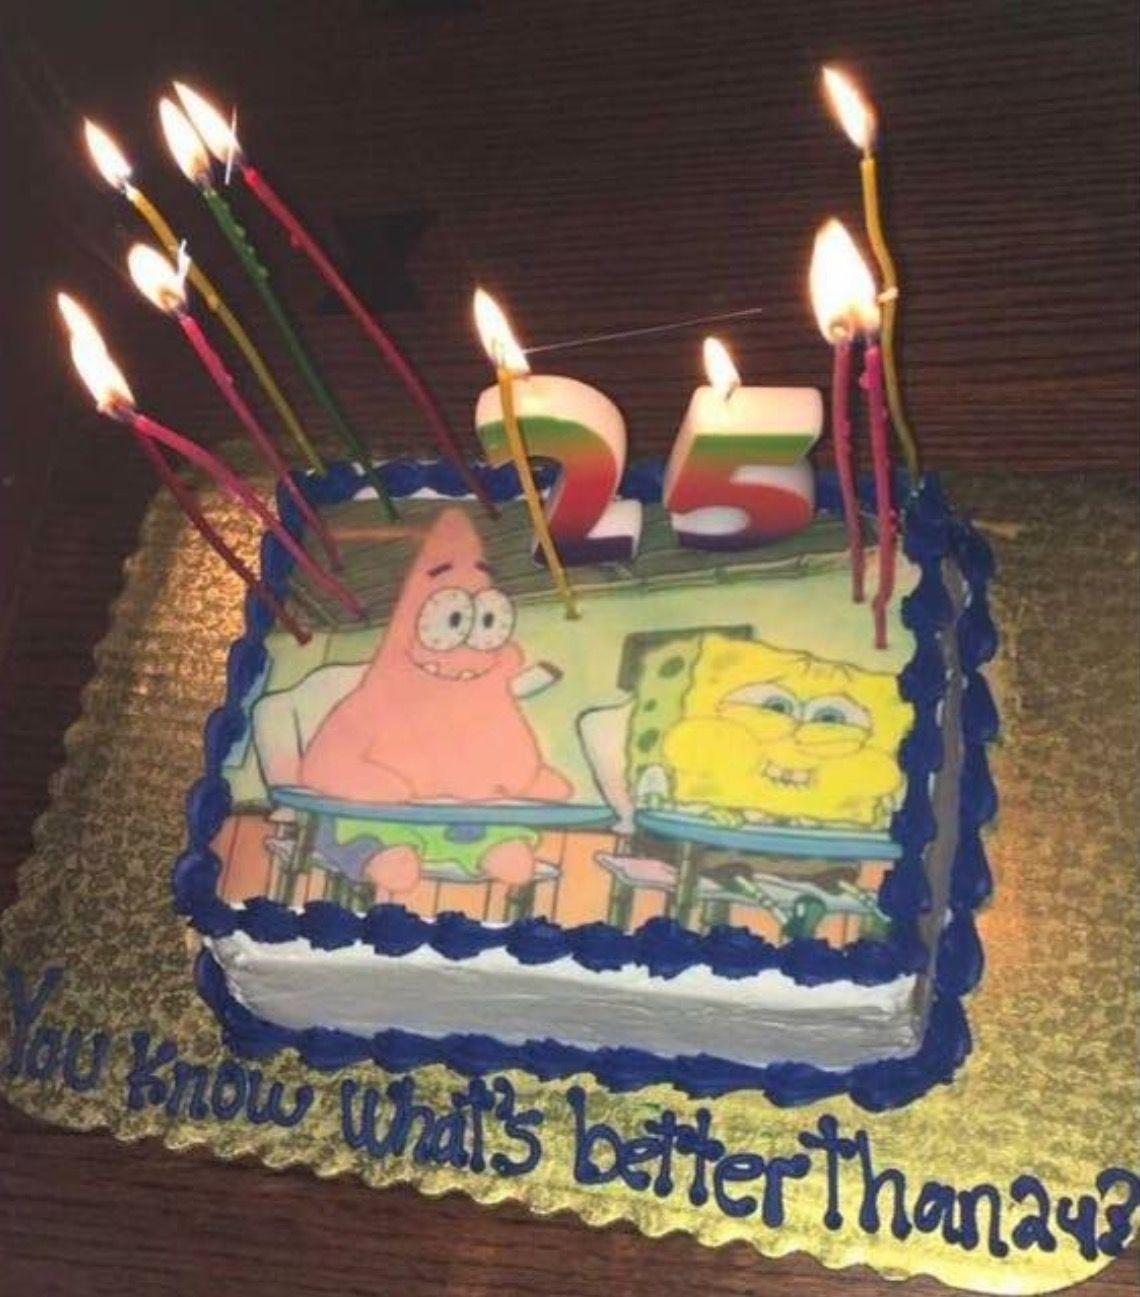 25th Birthday Cake Spongebob Themed Birthdays Funny Birthday Cakes 25th Birthday Cakes Spongebob Birthday